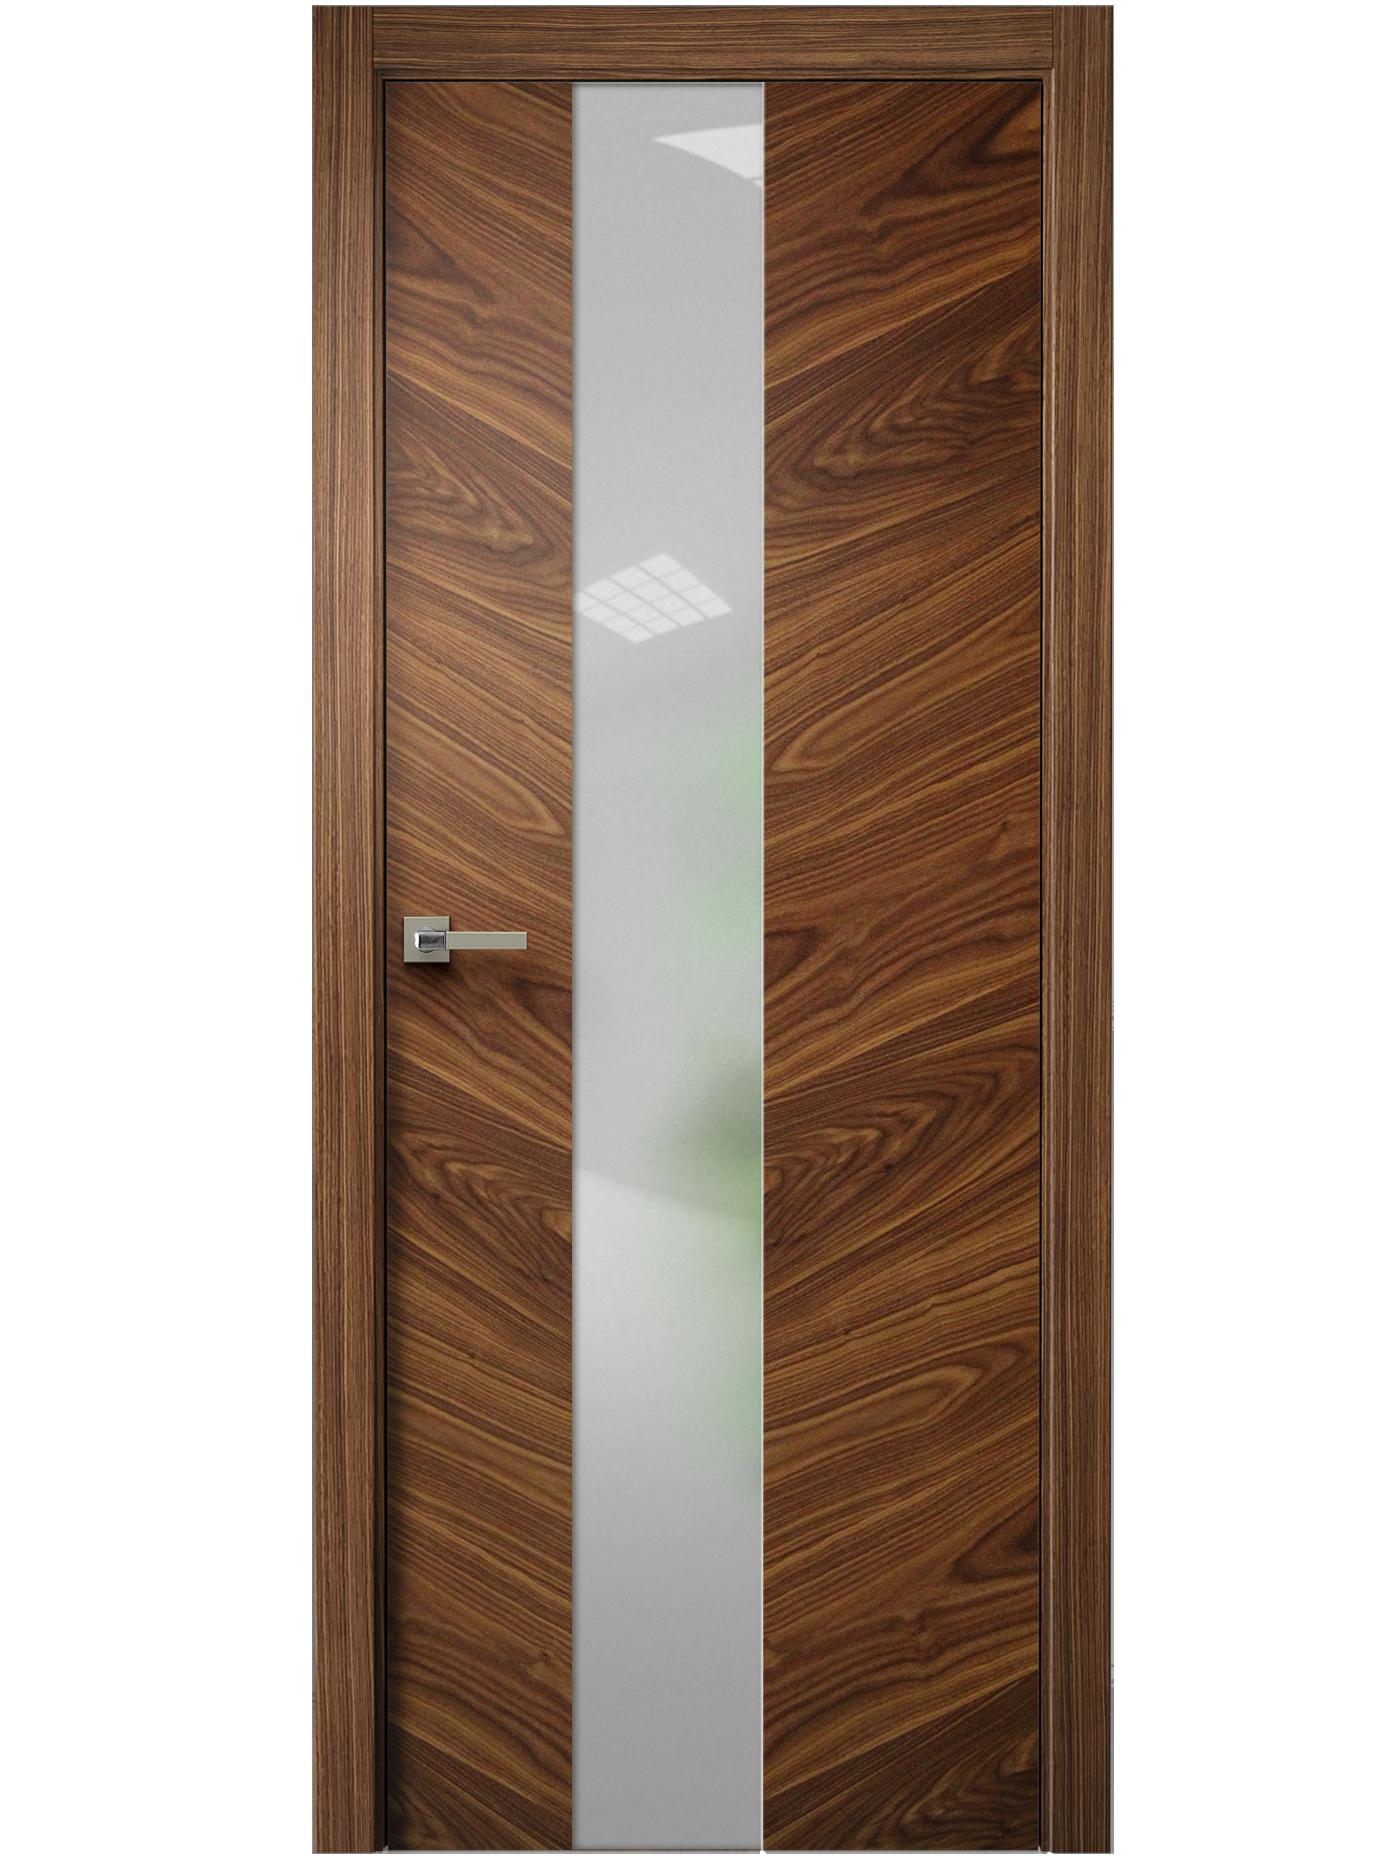 Image Tera V Vetro Interior Door American Walnut 0